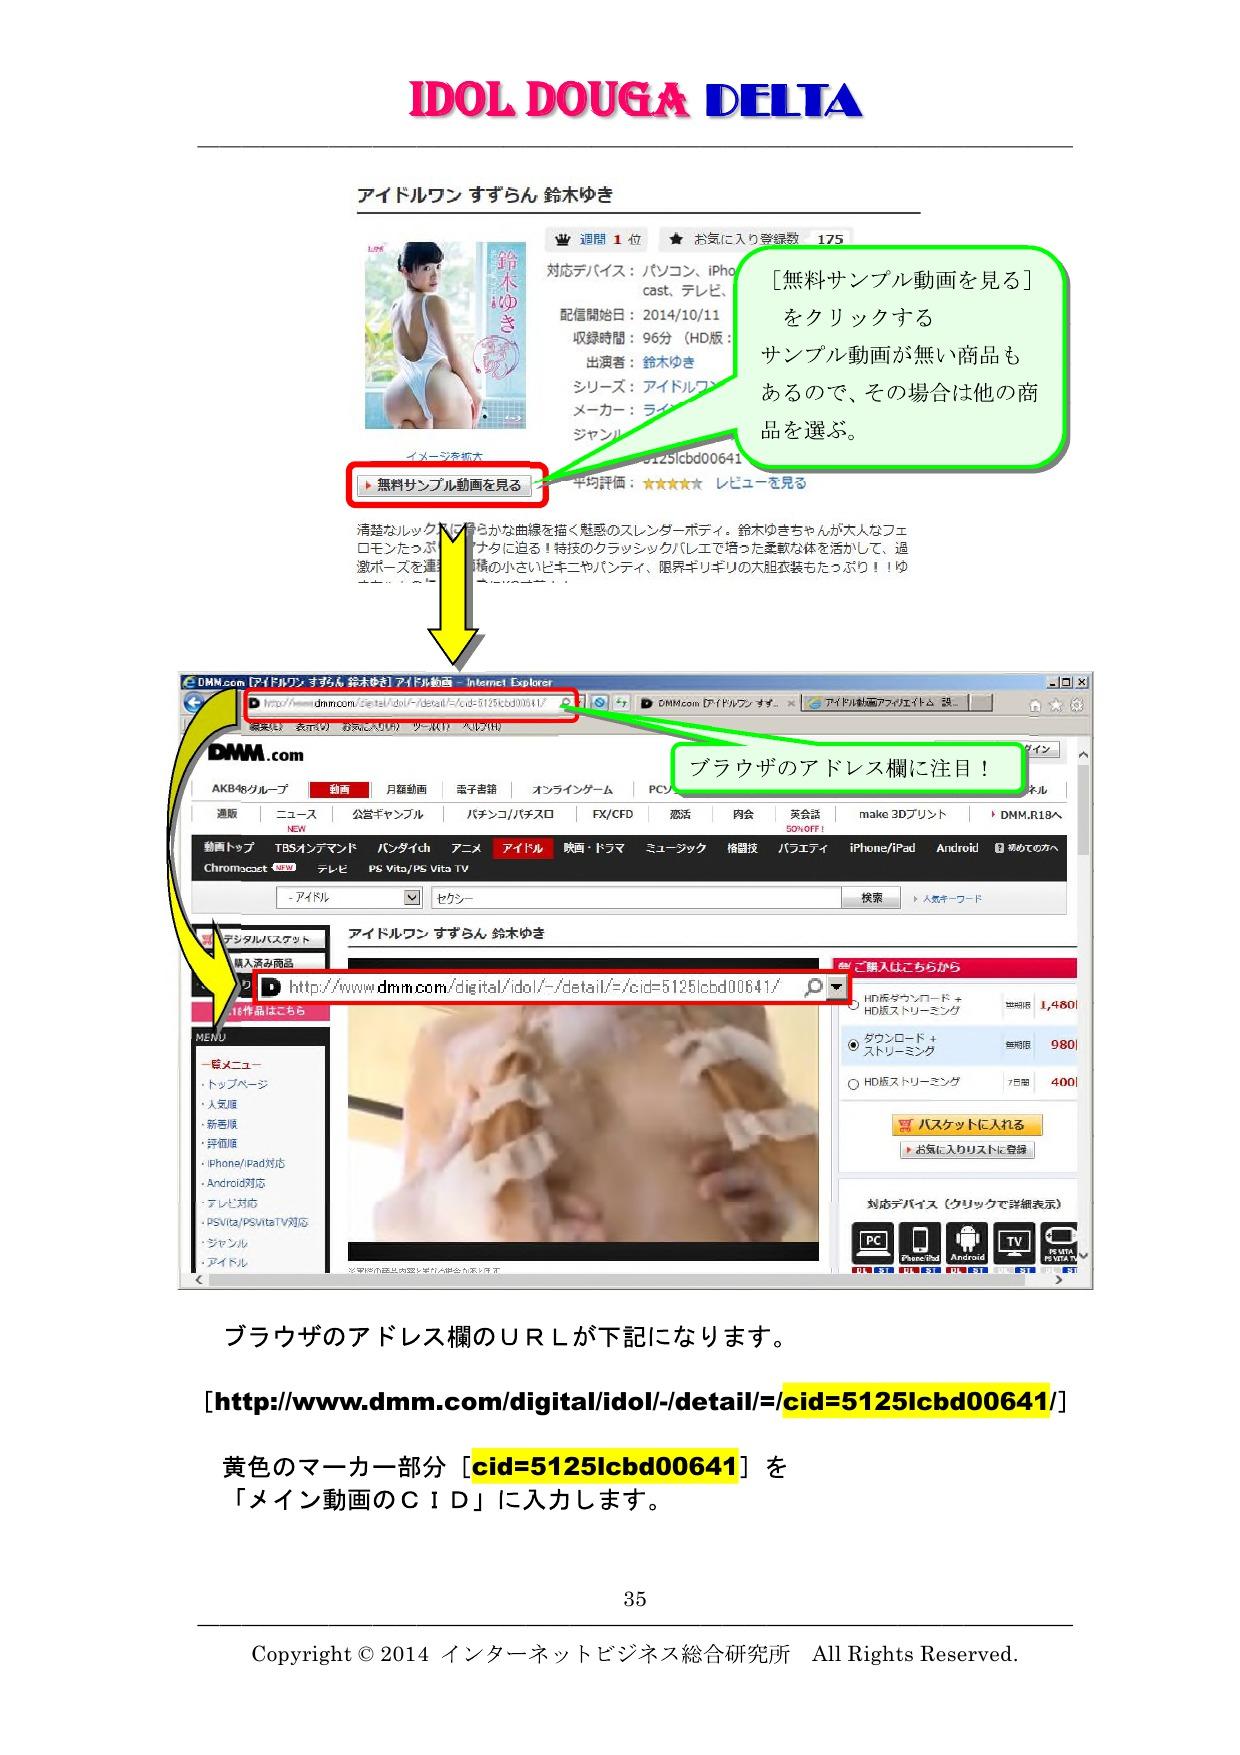 アイドル動画アフィリΔ ツールマニュアル